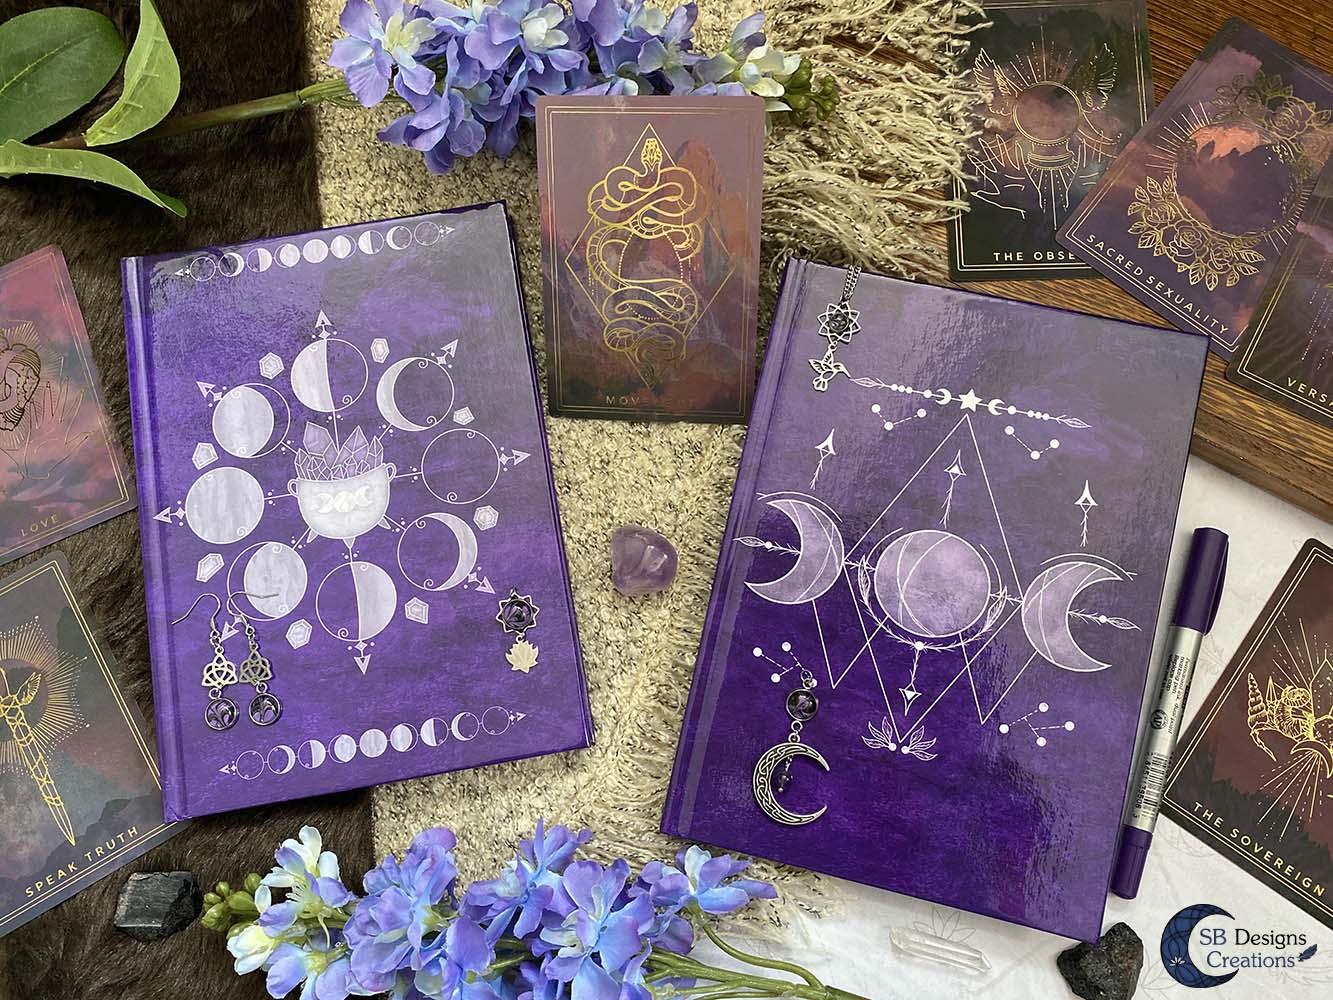 Een Magisch Dagboek Beginnen - Book of Shadows - Spiritualiteit - Hekserij